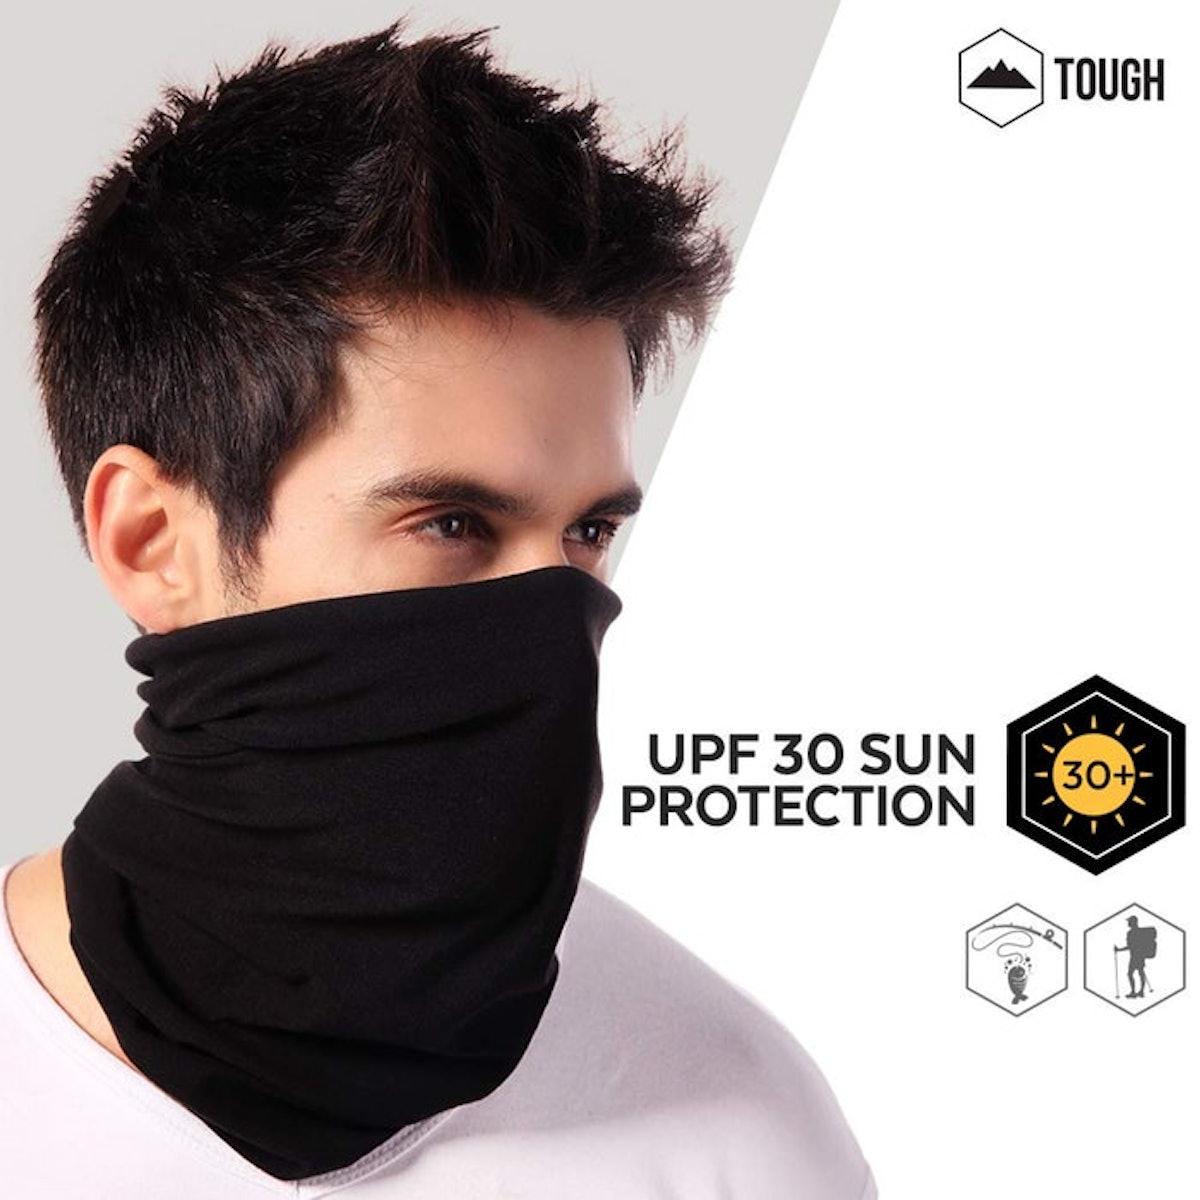 Tough Headwear UV Face Mask